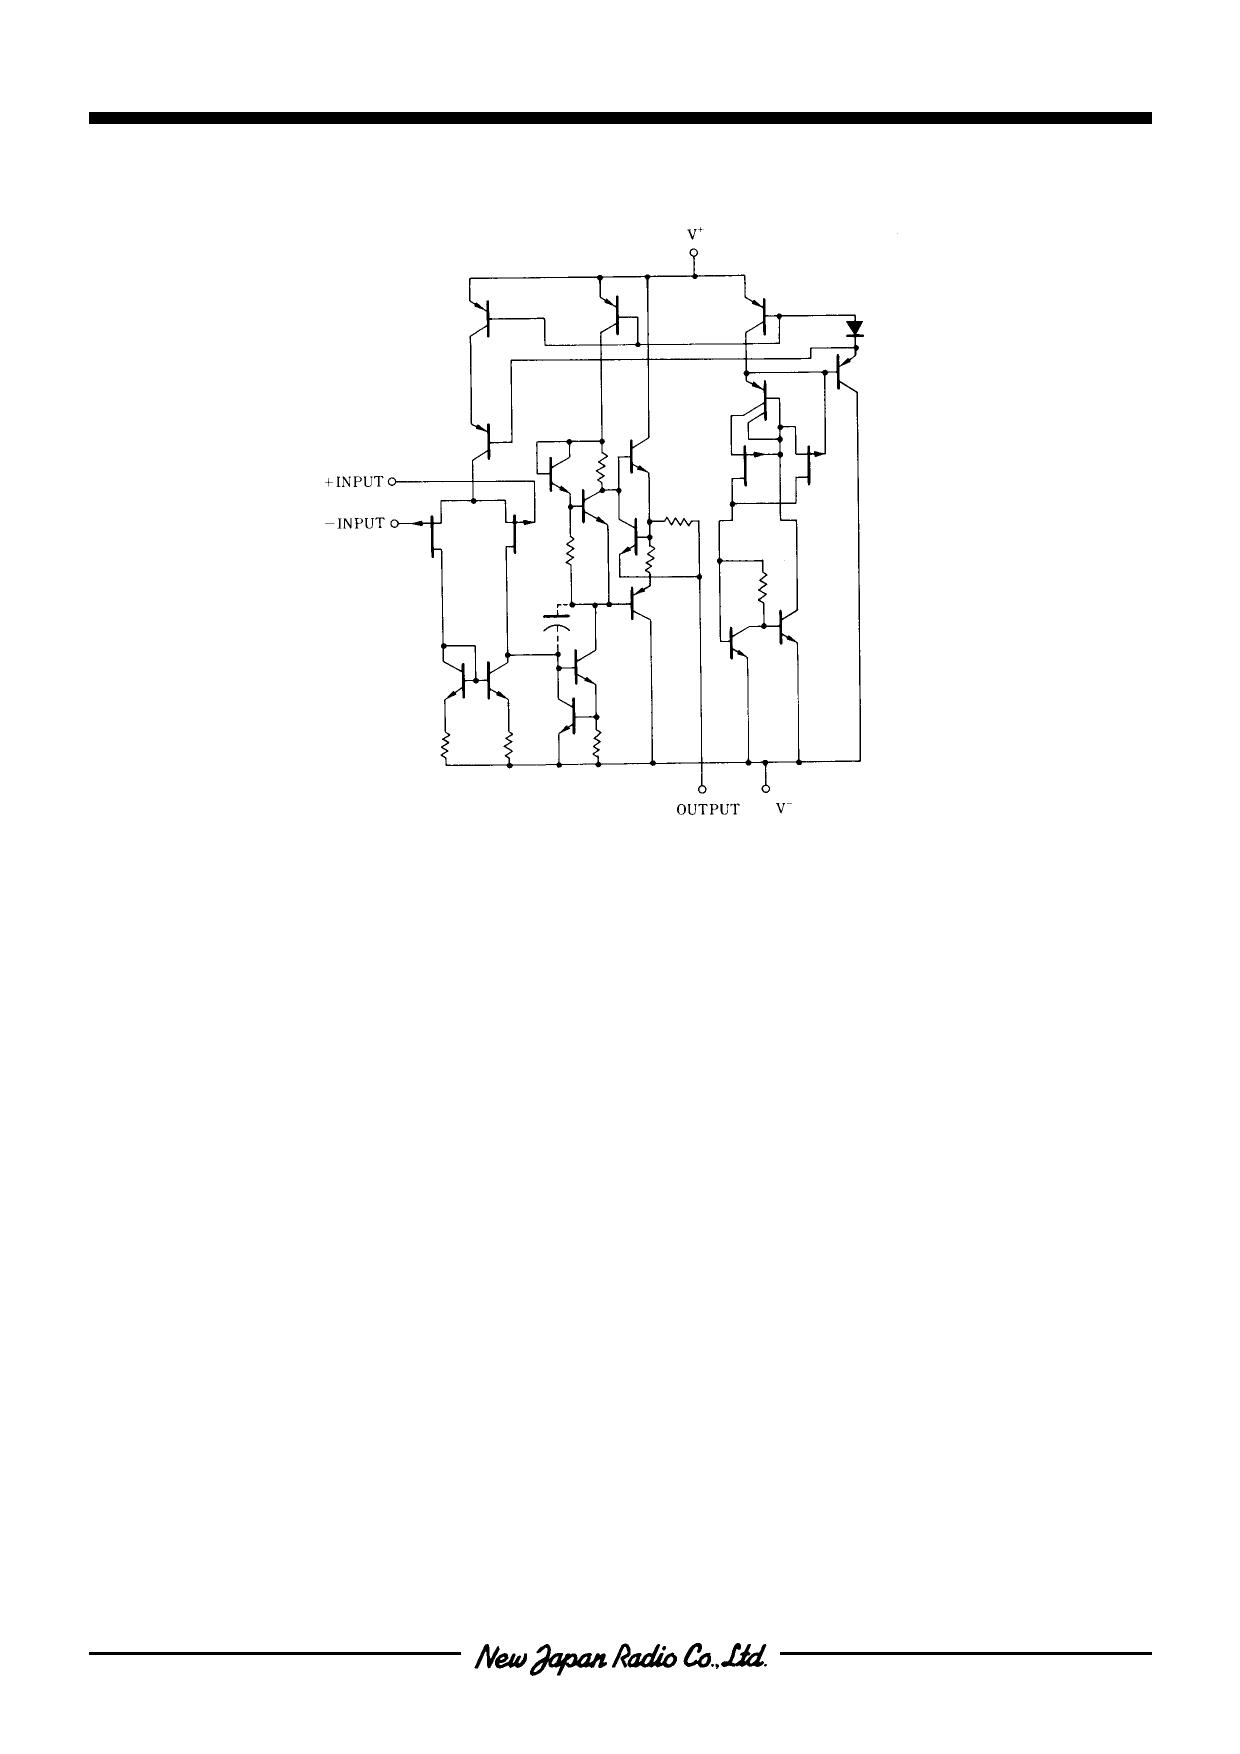 njm062 datasheet pdf   pinout